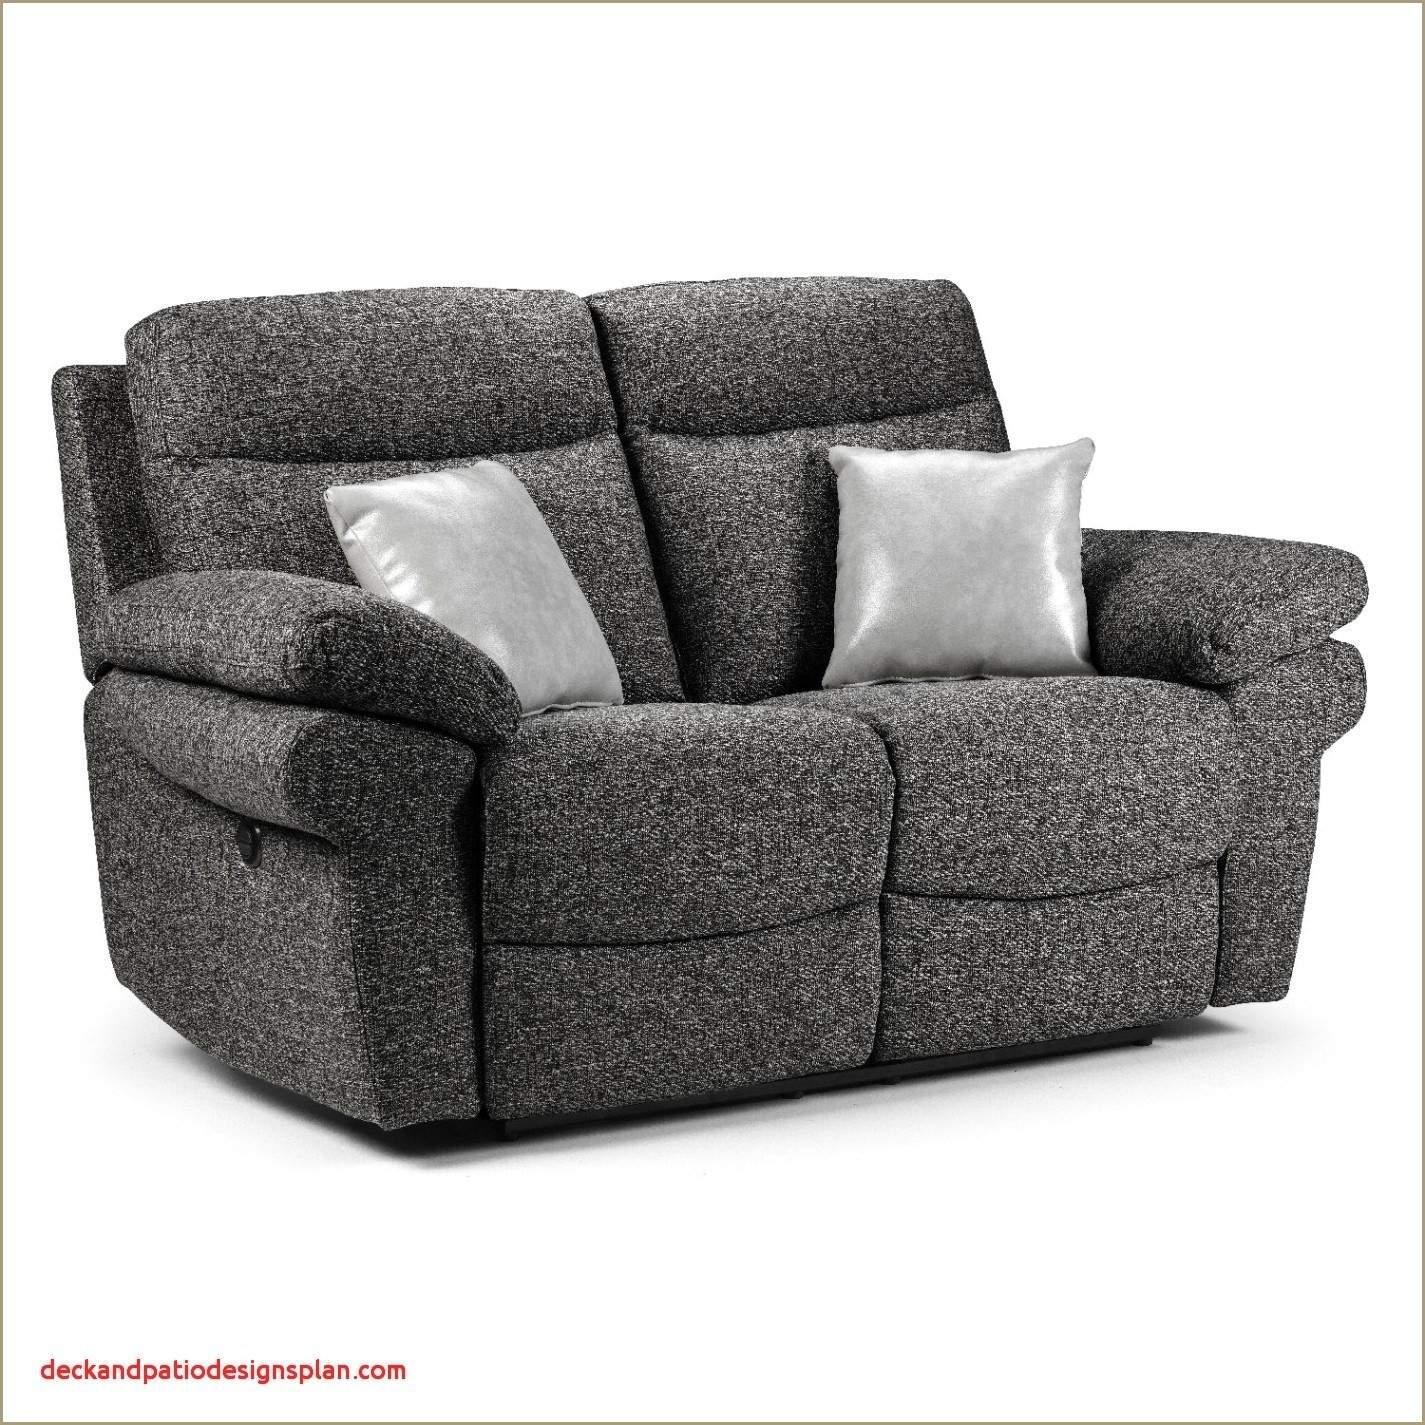 Full Size of Relaxsofa Elektrisch Test Leder 2 Sitzer Verstellbar 3 Sitzer Paosa Himolla Microfaser 2er Sofa Mit Relaxfunktion Elektrischer Sitztiefenverstellung Wohnzimmer Relaxsofa Elektrisch